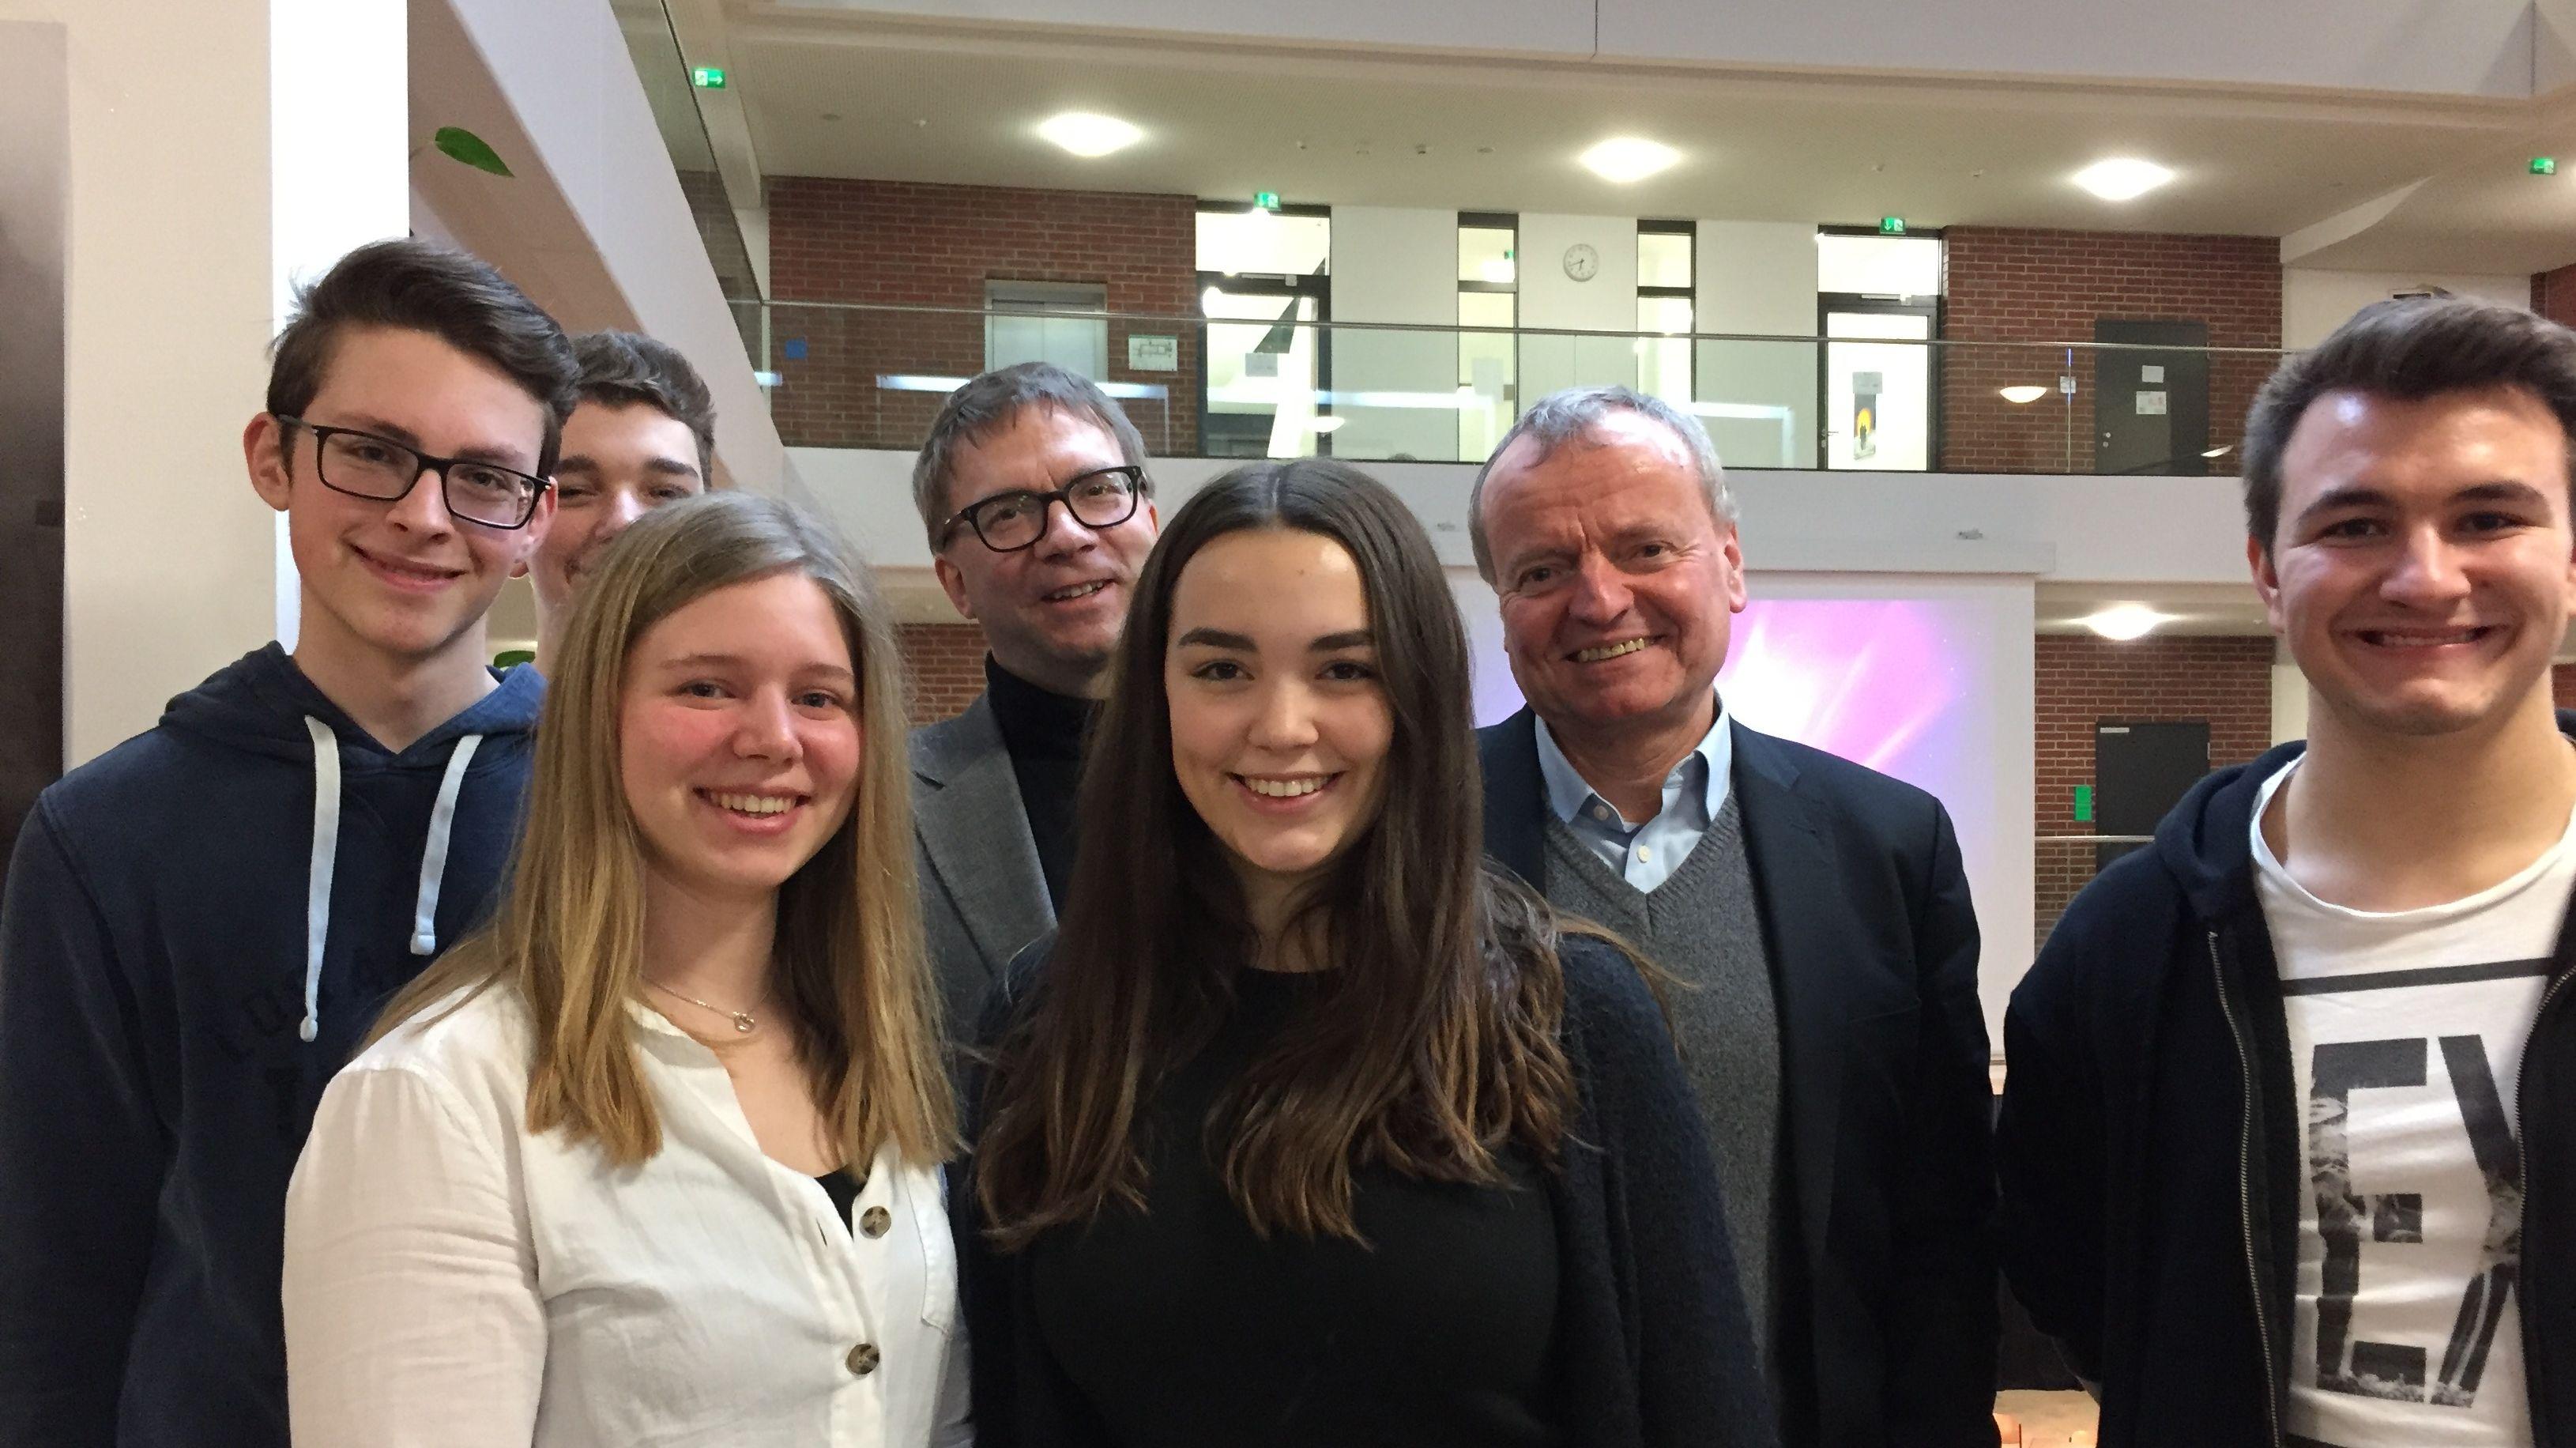 Prof. Manfred Spitzer (2. von rechts) mit Schülern und einem Mitarbeiter